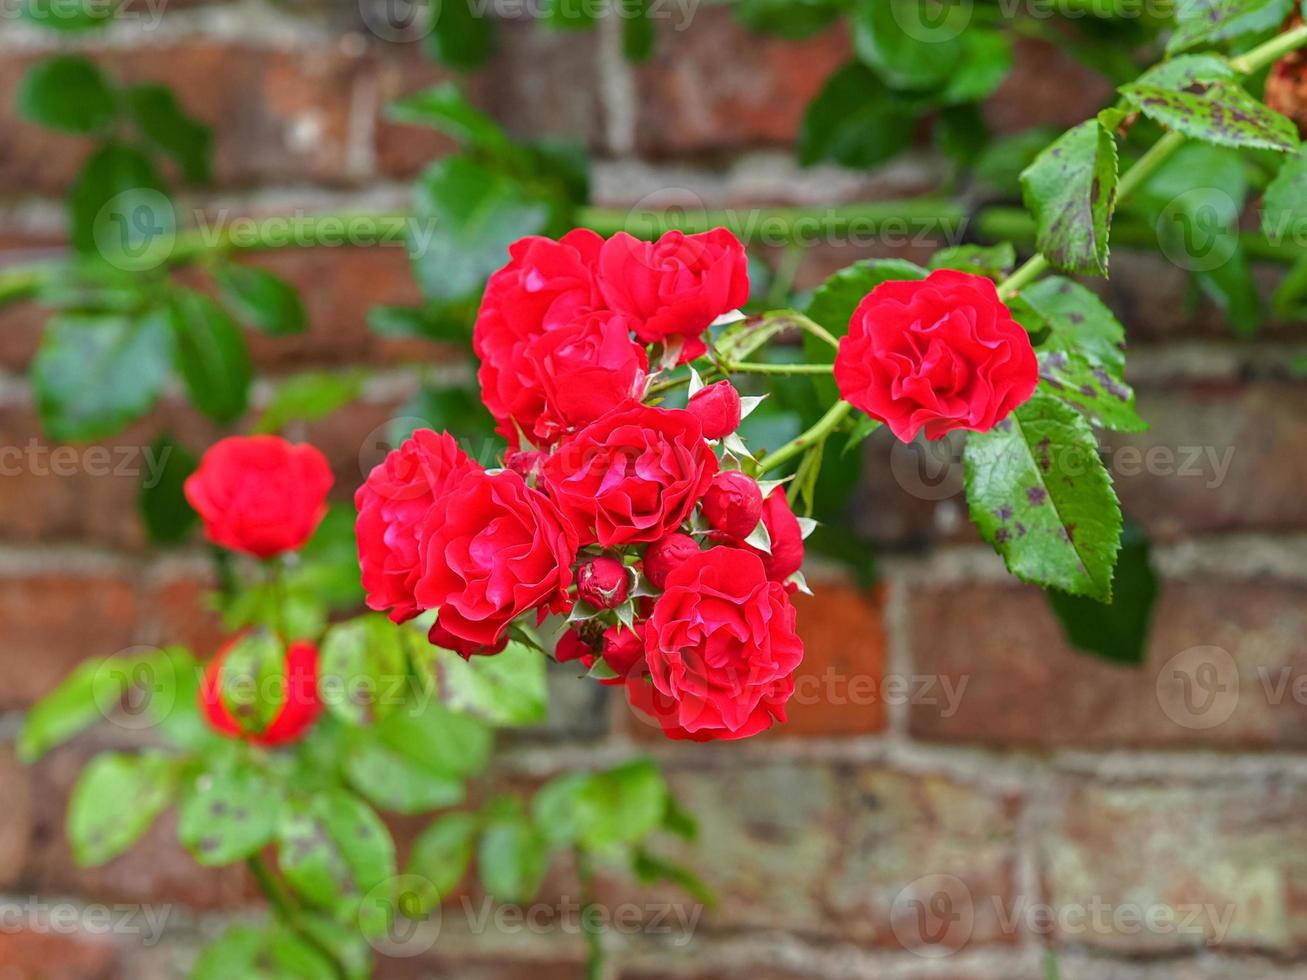 Klettern rote Rosen, die gegen eine Mauer blühen foto